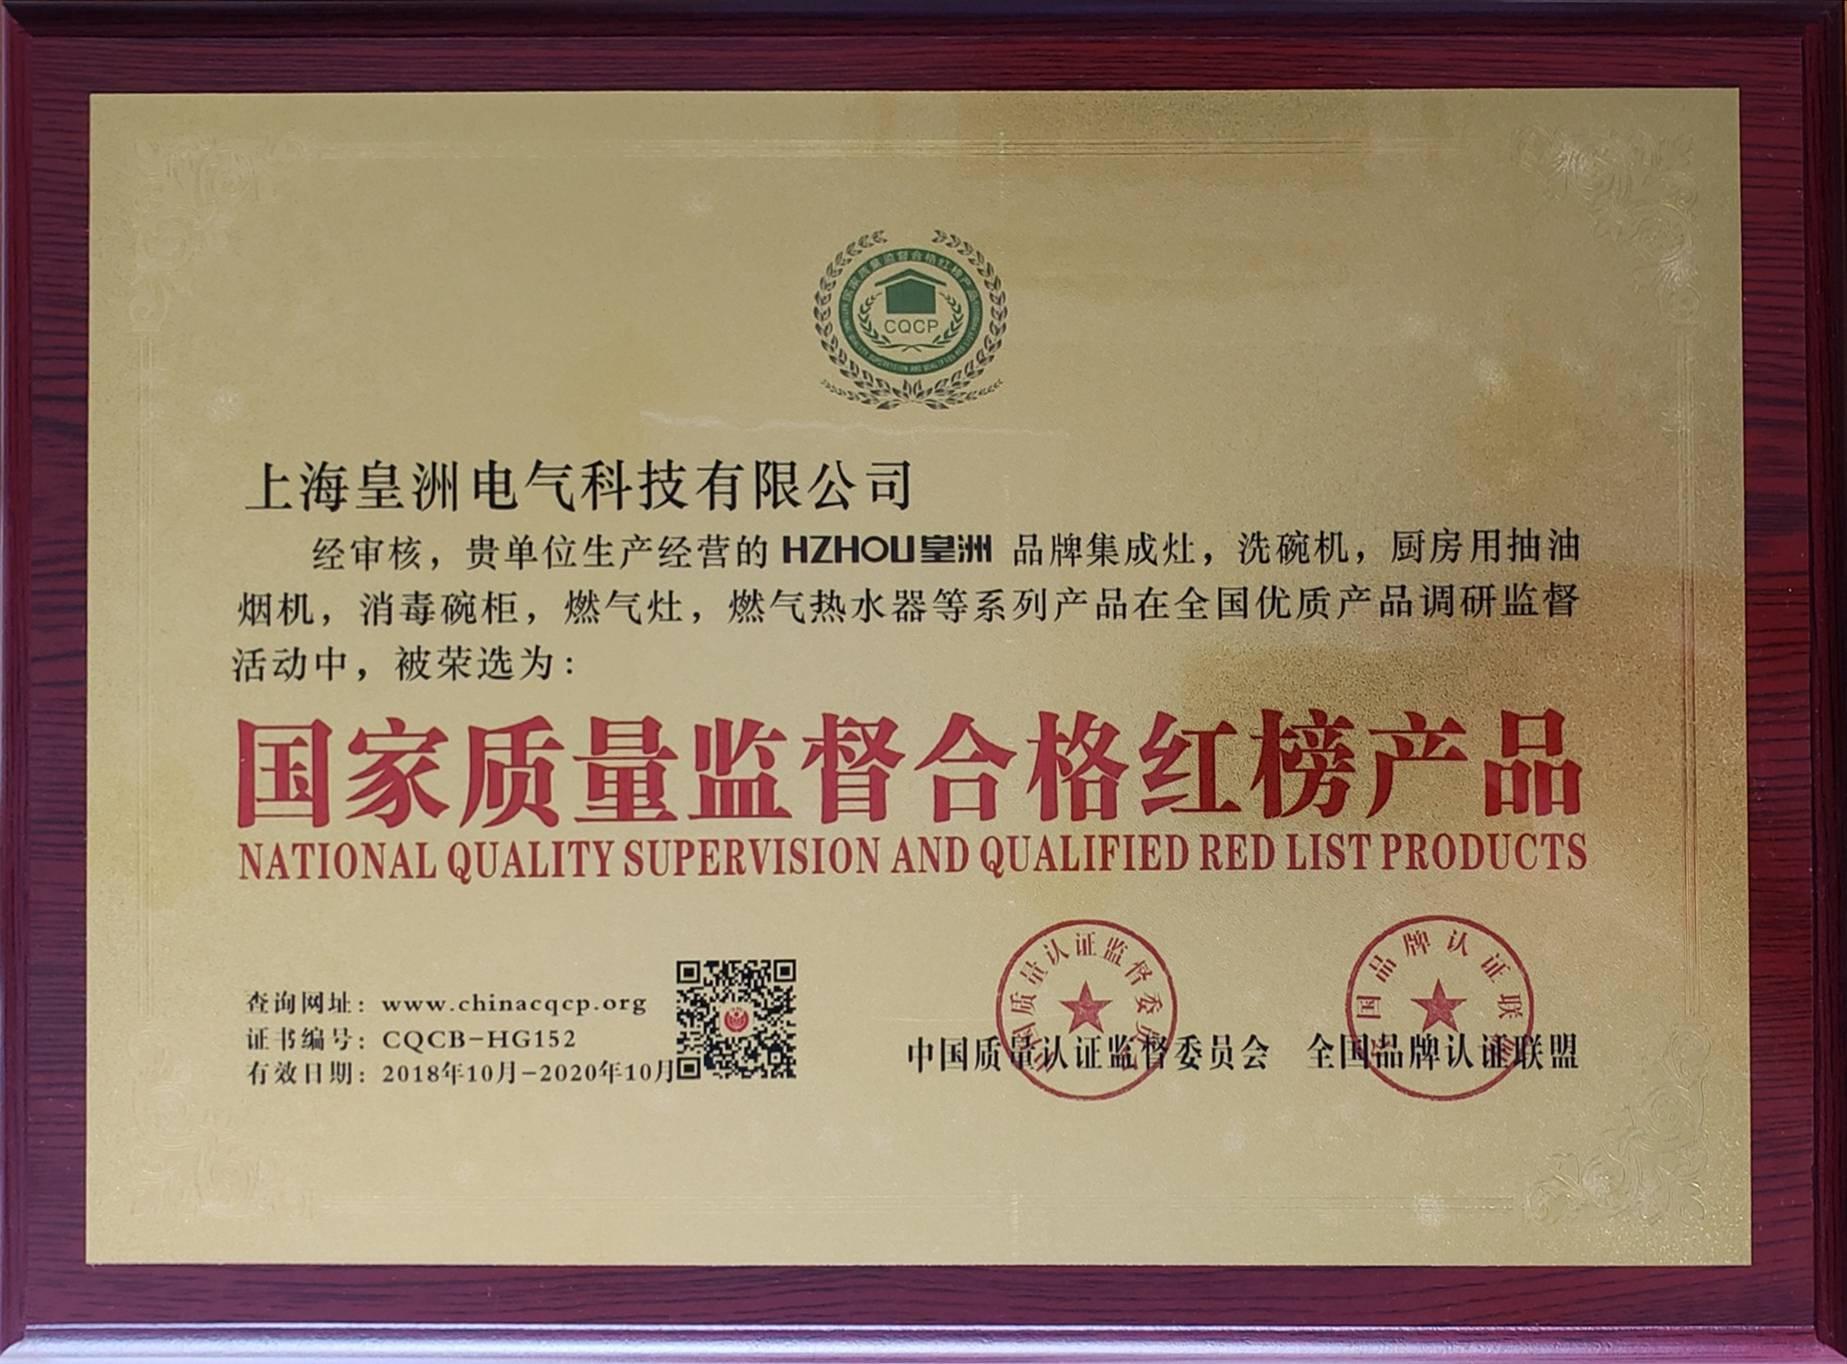 HZHOU皇洲荣获国家质量监督合格红榜产品